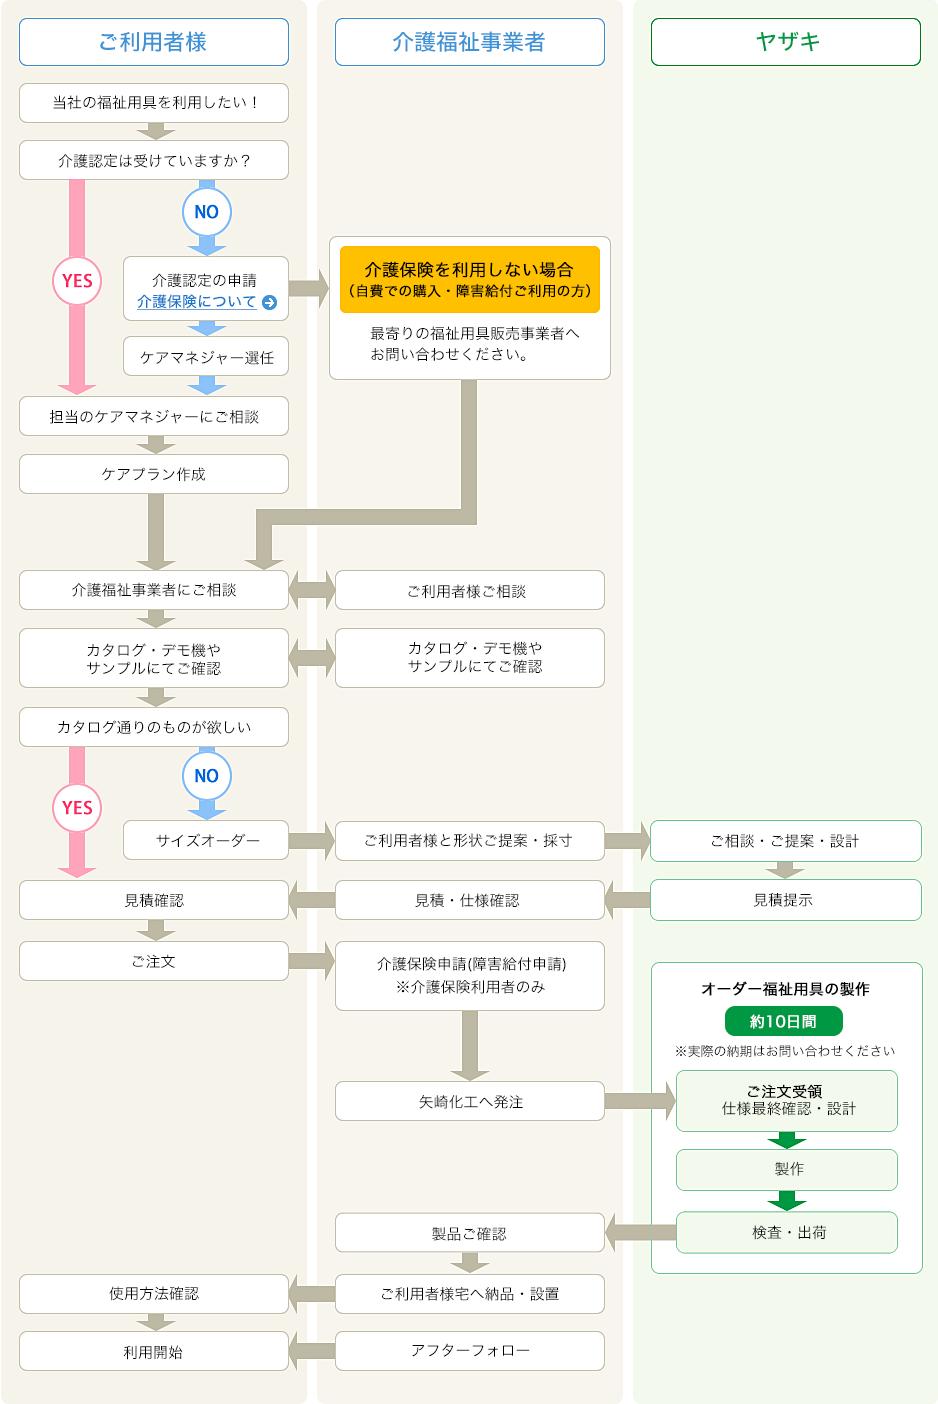 一般の方の発注方法の詳細図